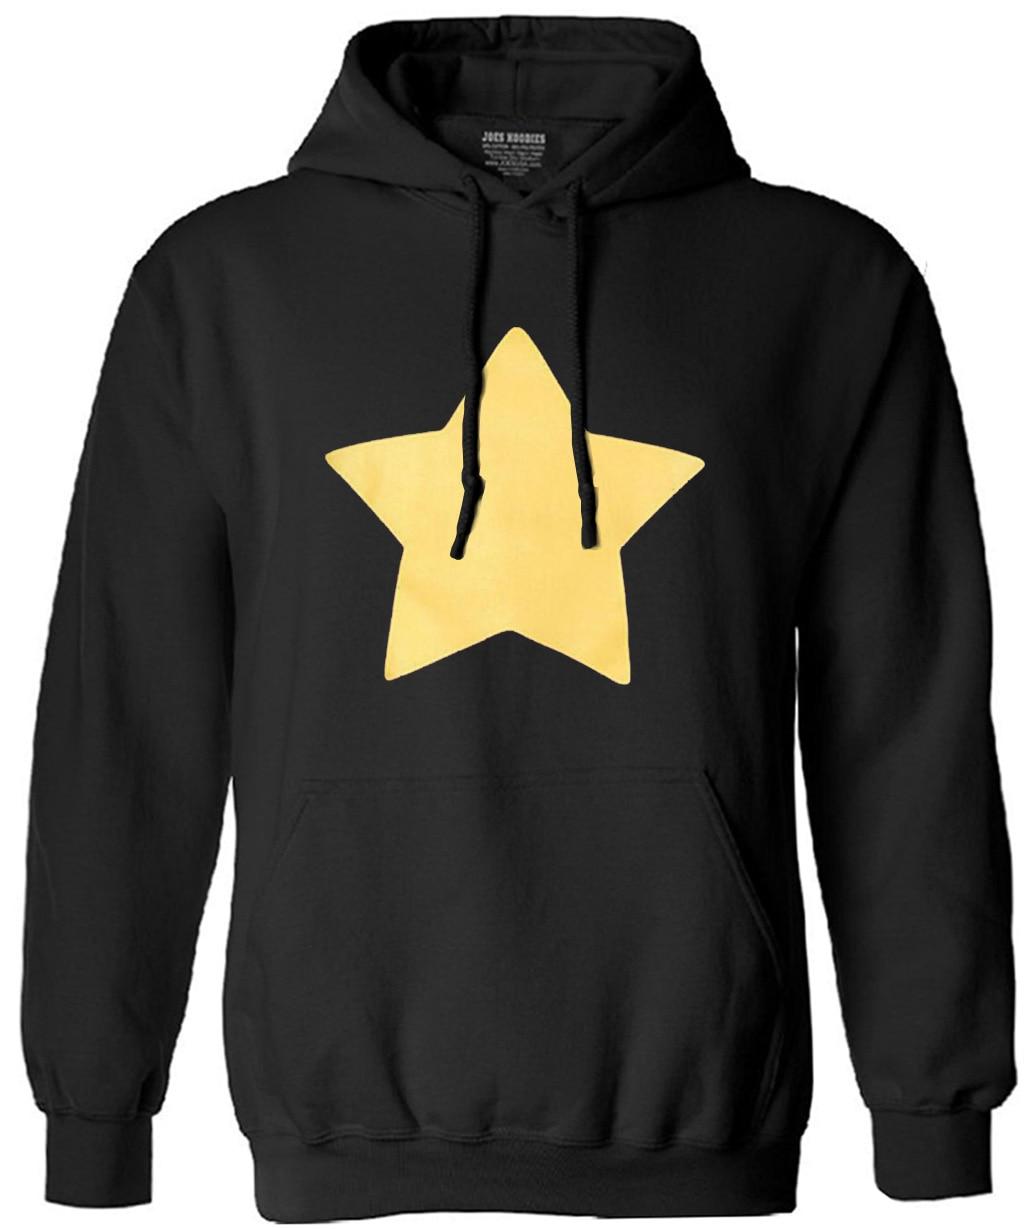 Mens sweatshirt Steven Universe harajuku hoodies brand clothing STAR COOKIE CAT funny printing men long sleeve